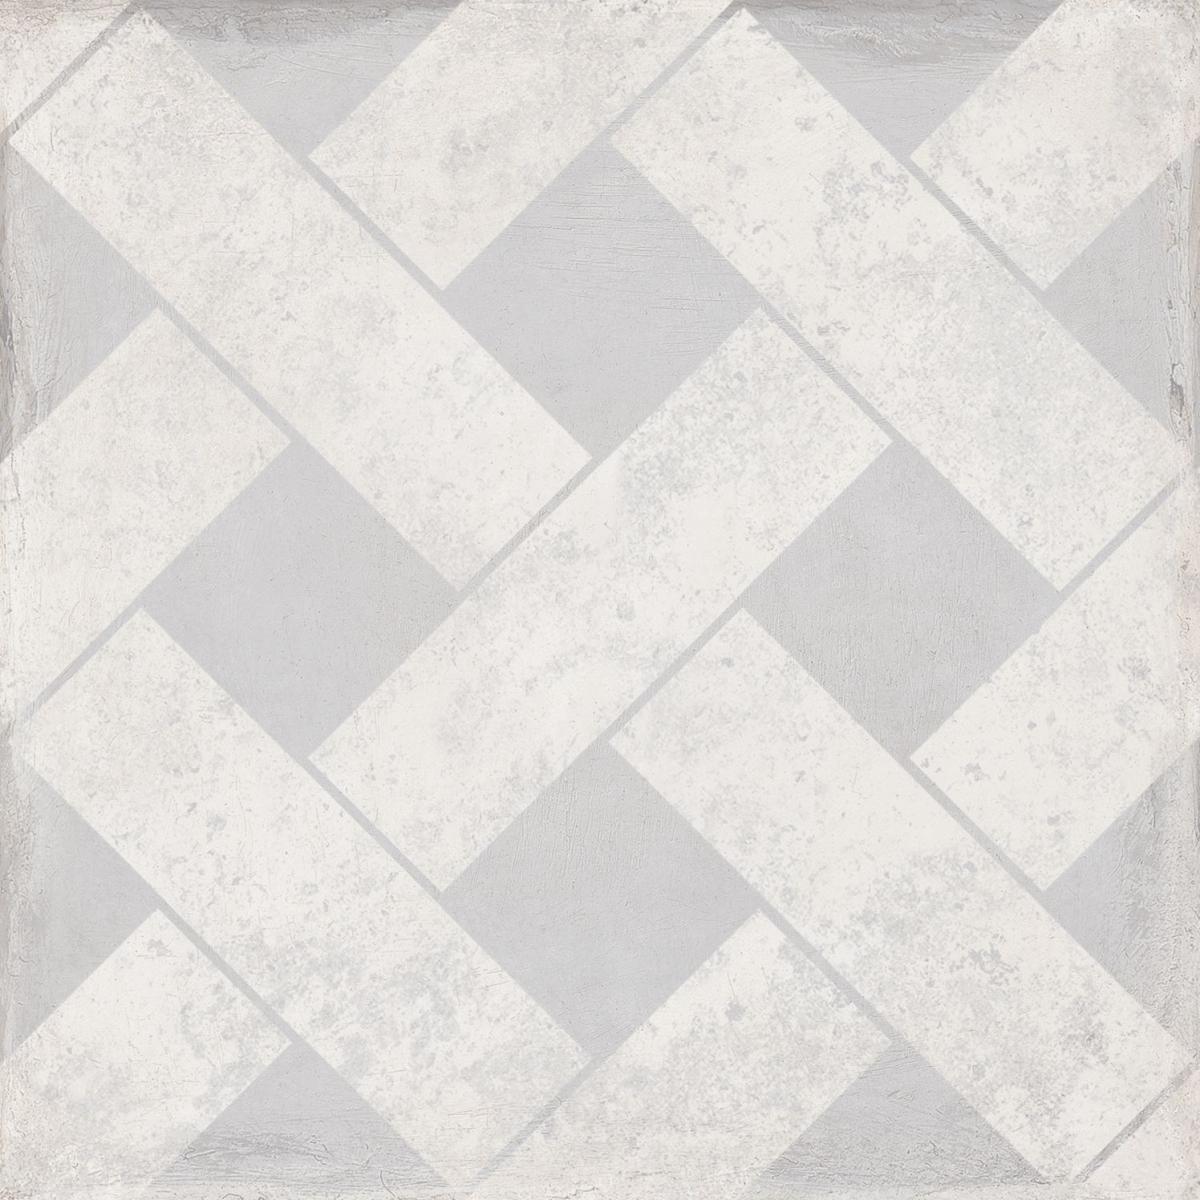 Triana Plus Gris 25x25 (m2) - Serie Triana - Marca Keros Cerámica